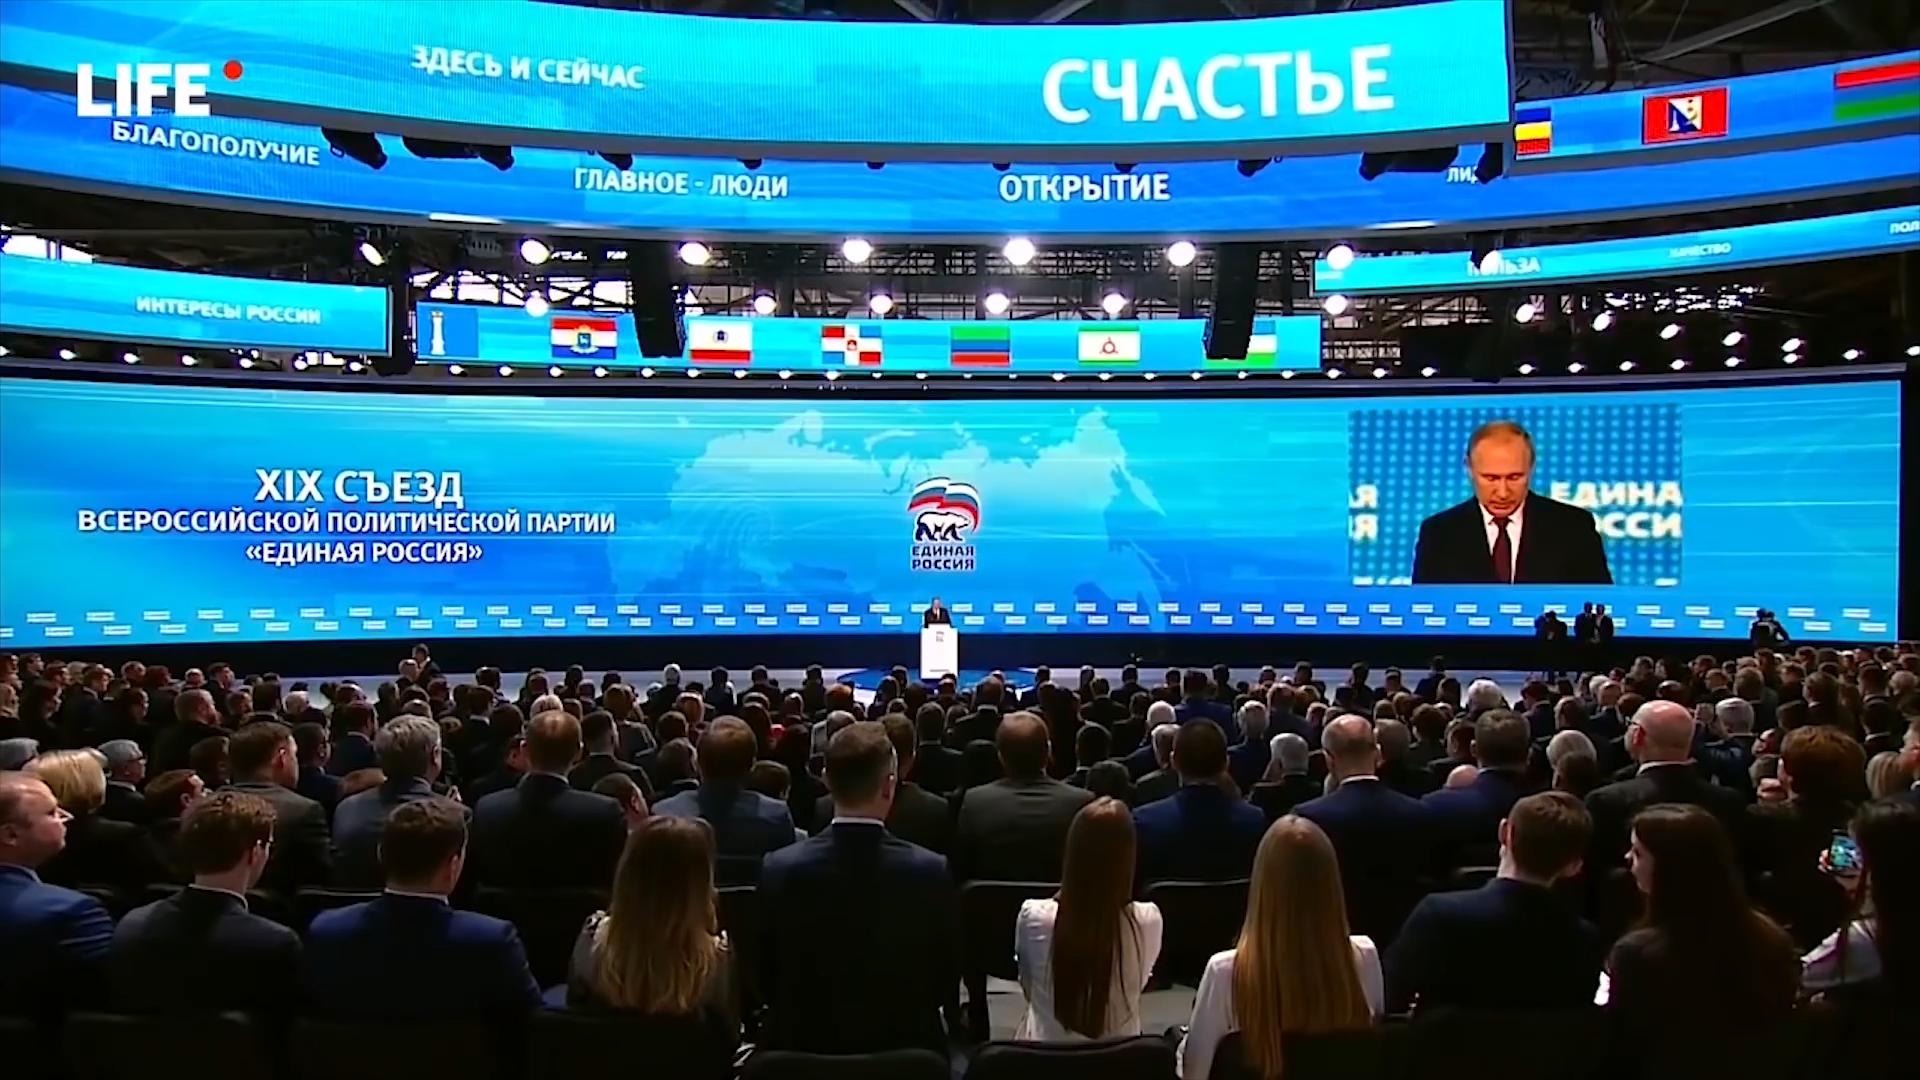 03-Популисты, патриоты и предатели. Все о съезде «Единой России»